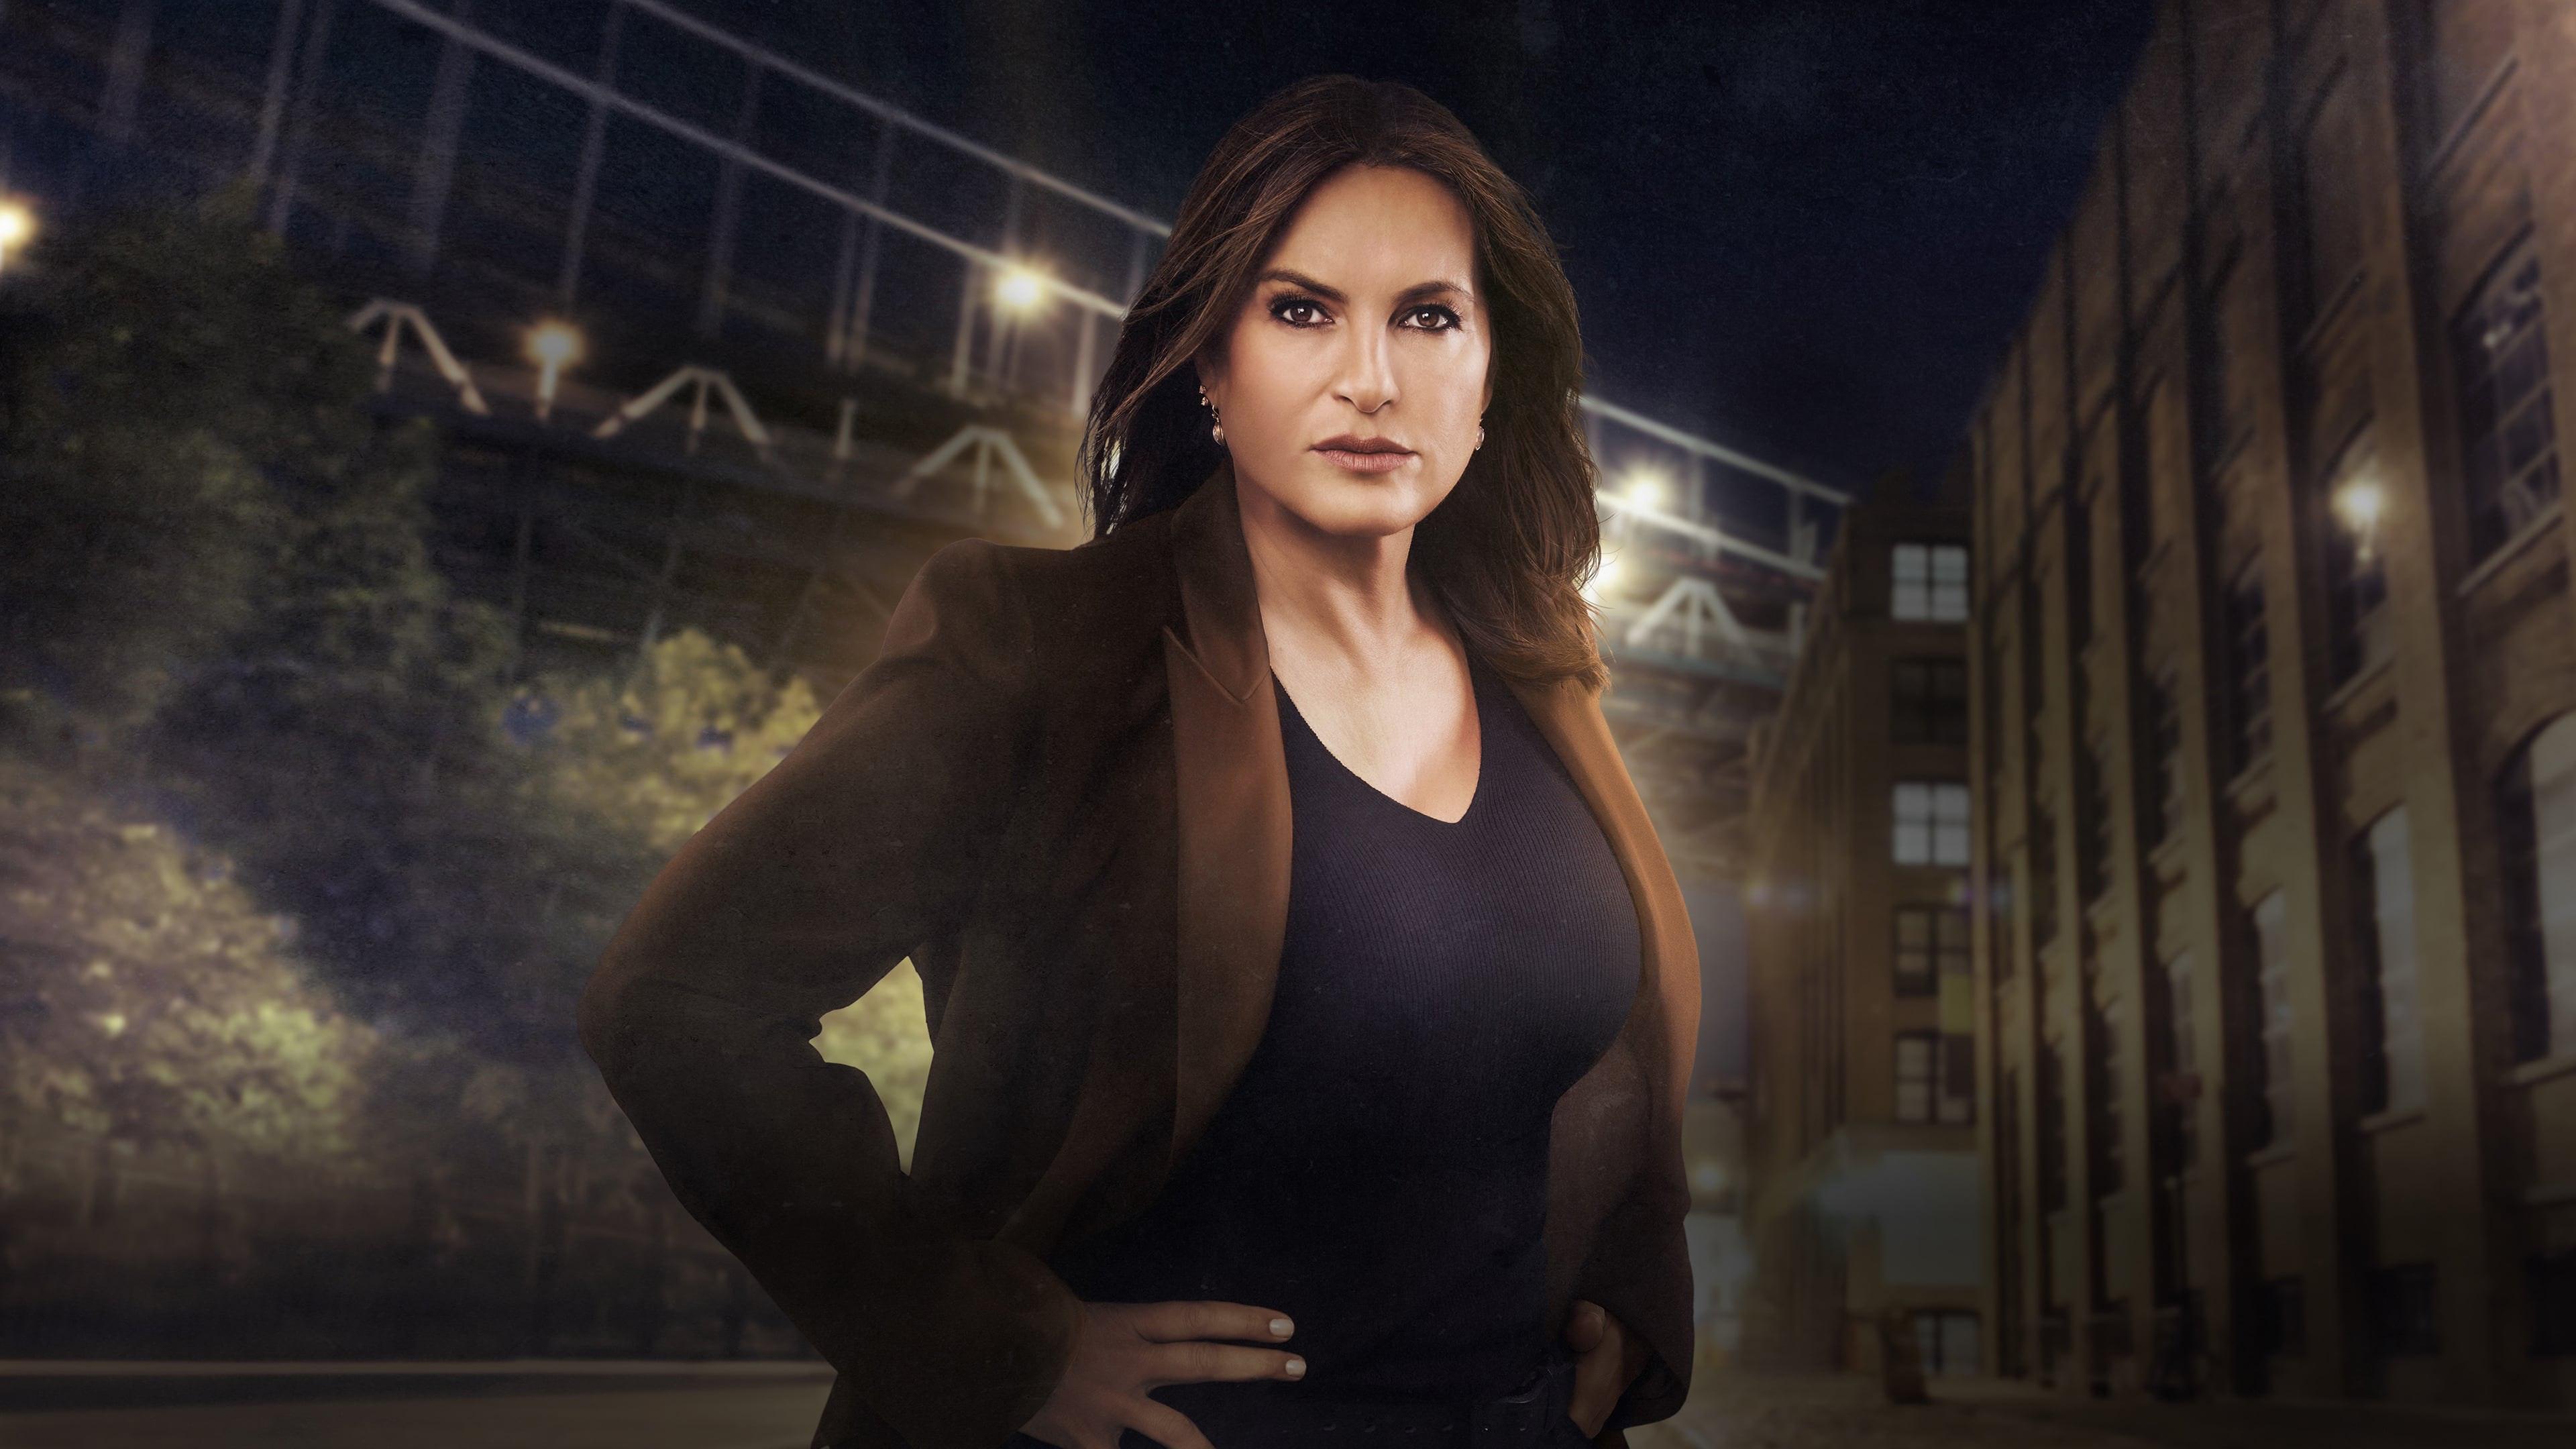 Law & Order: SVU Soundtrack